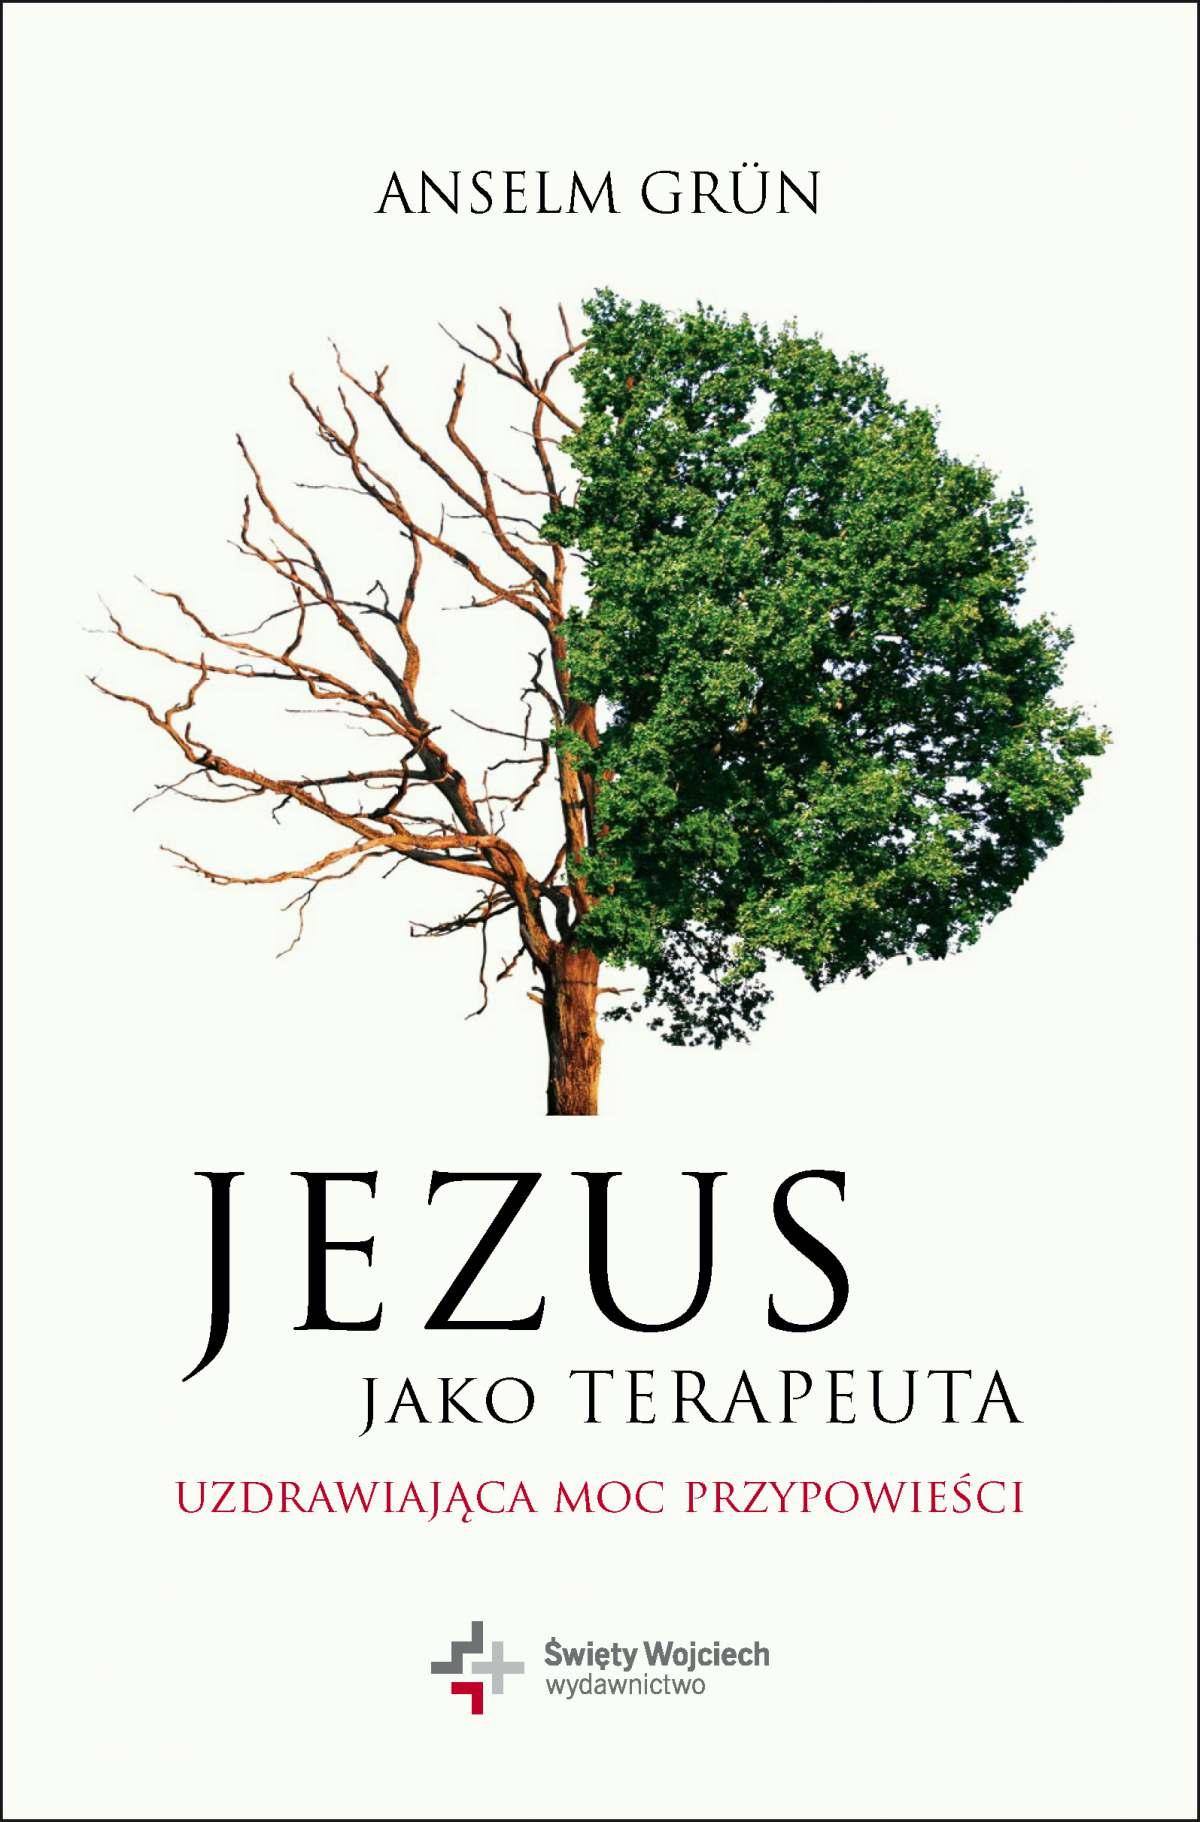 Jezus jako terapeuta. Uzdrawiająca moc przypowieści - Ebook (Książka na Kindle) do pobrania w formacie MOBI